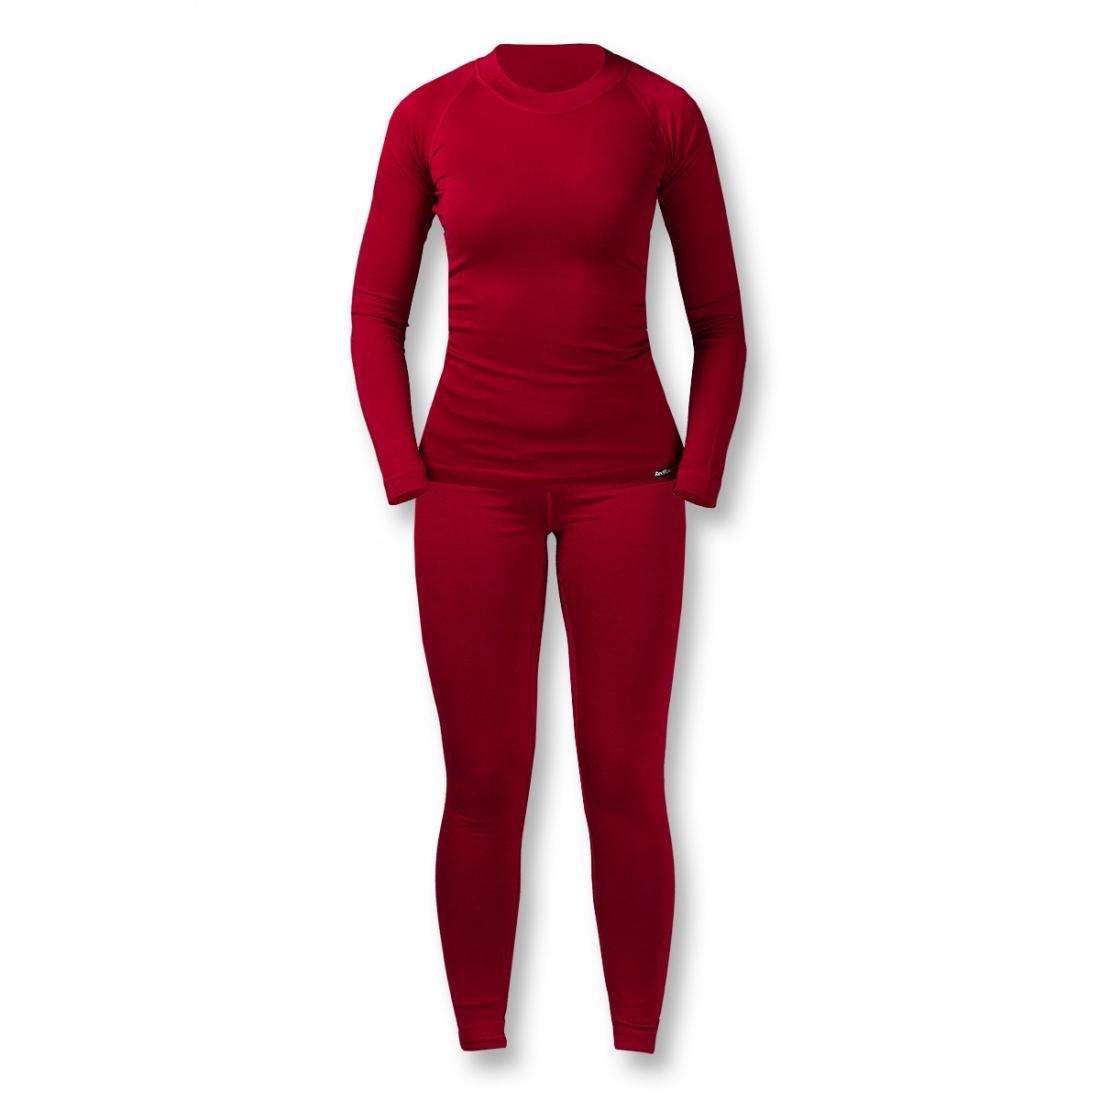 Термобелье костюм Wool Dry Light ЖенскийКомплекты<br><br> Тончайшее термобелье для женщин из мериносовой шерсти: оно достаточно теплое и пуловер можно носить как самостоятельный элемент одежд...<br><br>Цвет: Темно-красный<br>Размер: 42